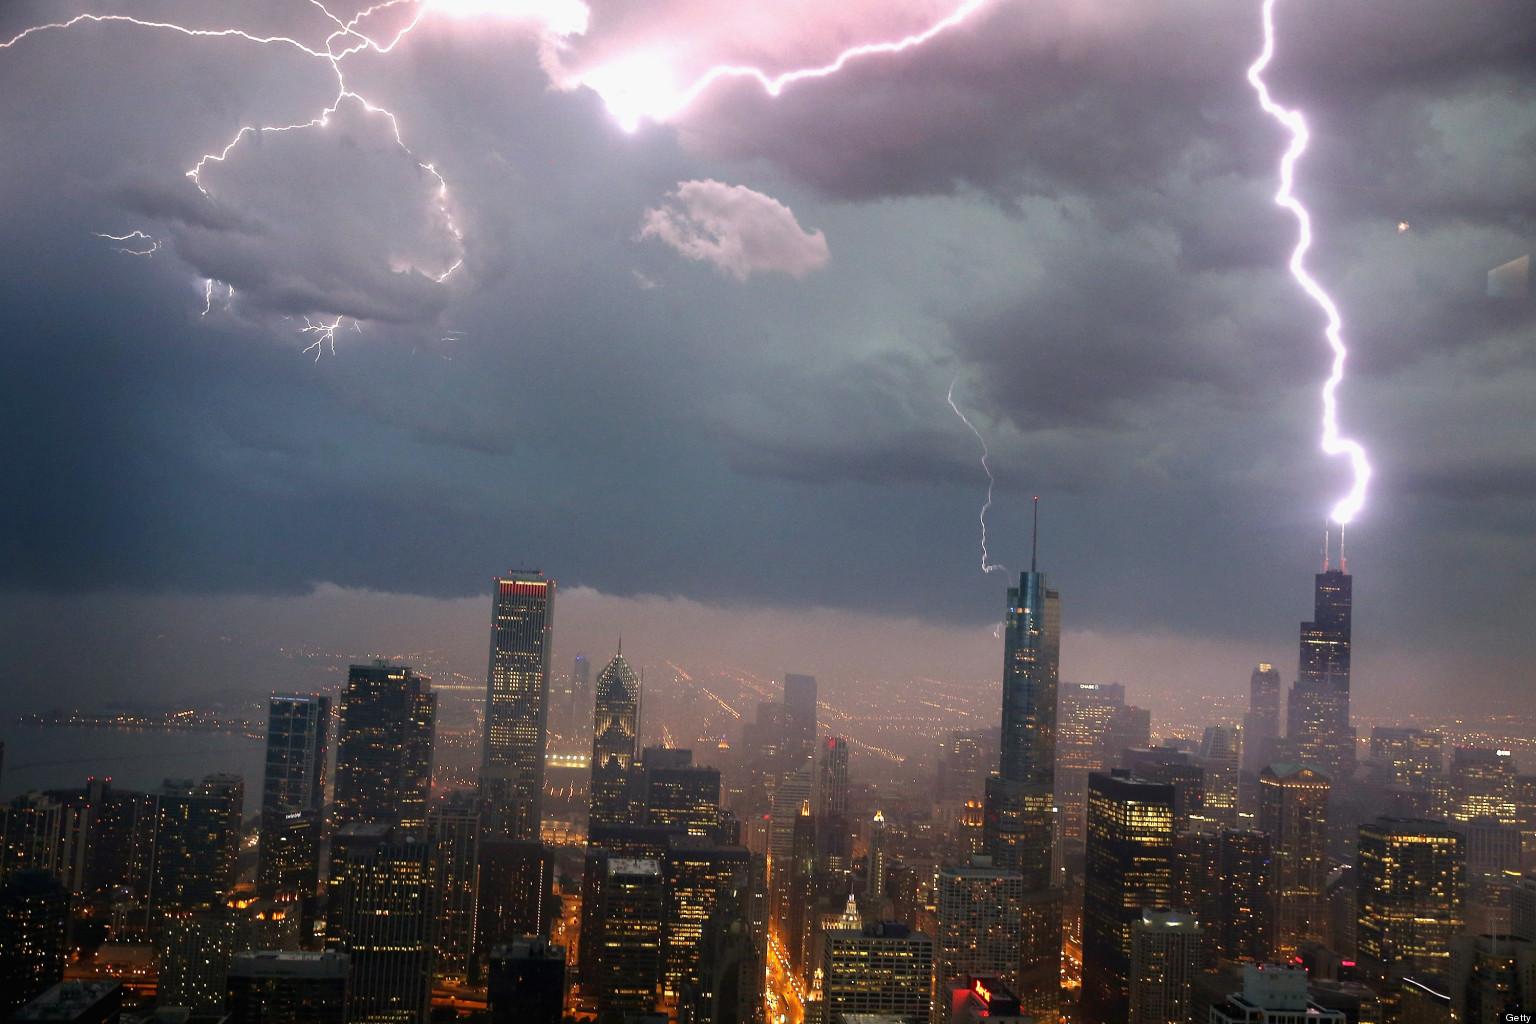 Synoptycy ostrzegają przed gwałtownymi burzami